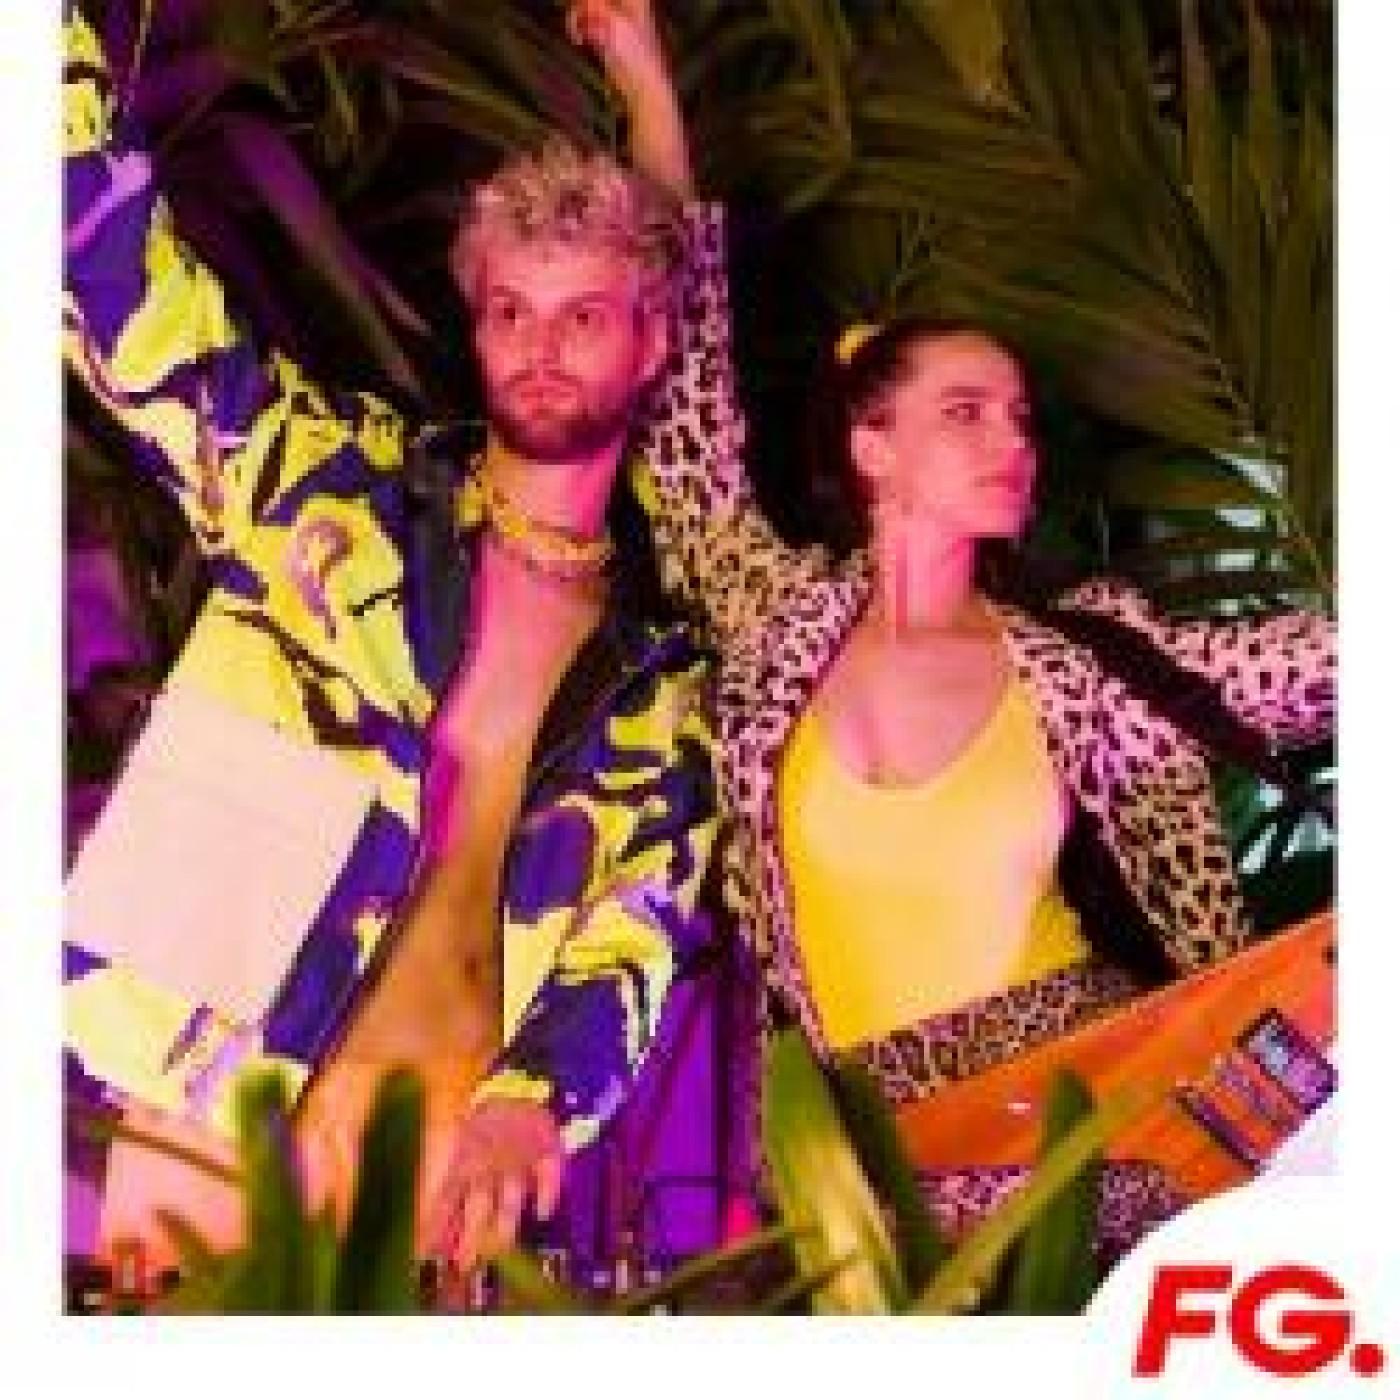 CLUB FG : SOFI TUKKER